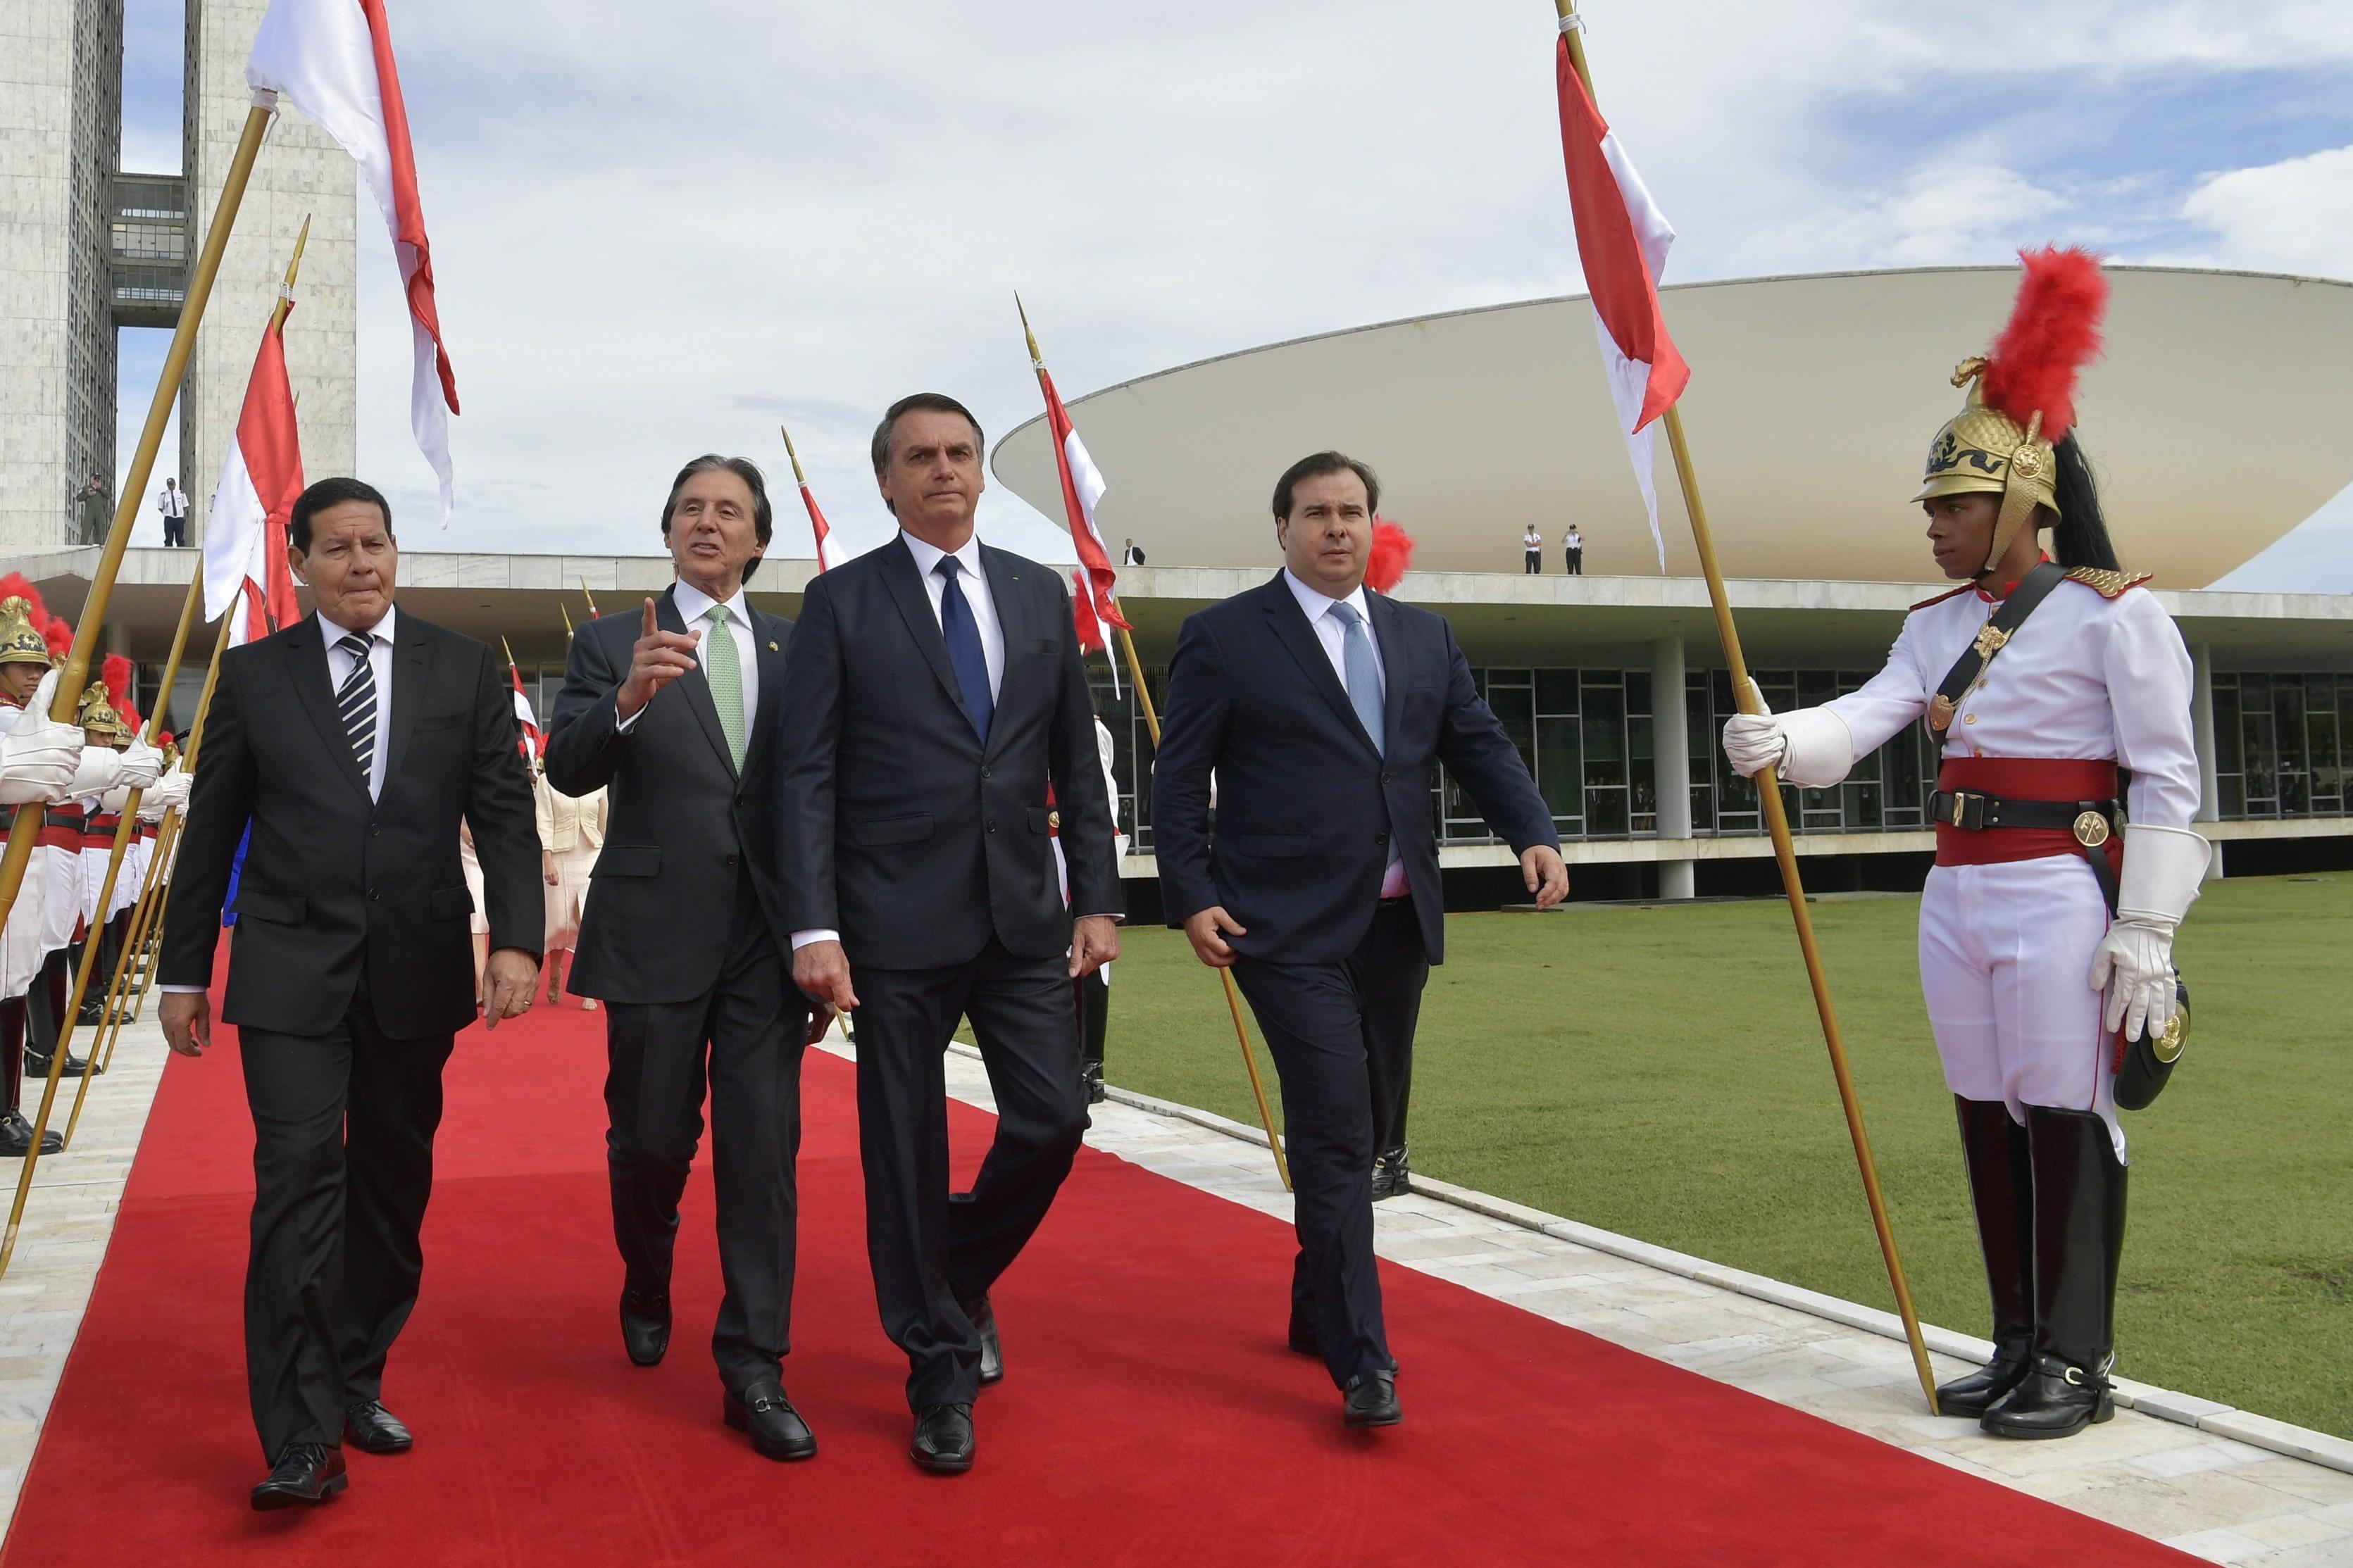 O presidente Jair Bolsonaro durante a cerimônia de posse como Presidente da República, junto de Hamiltão Mourão (vice-presidente), Eunício Oliveira e Rodrigo Maia (Foto: Wikimedia Commons)